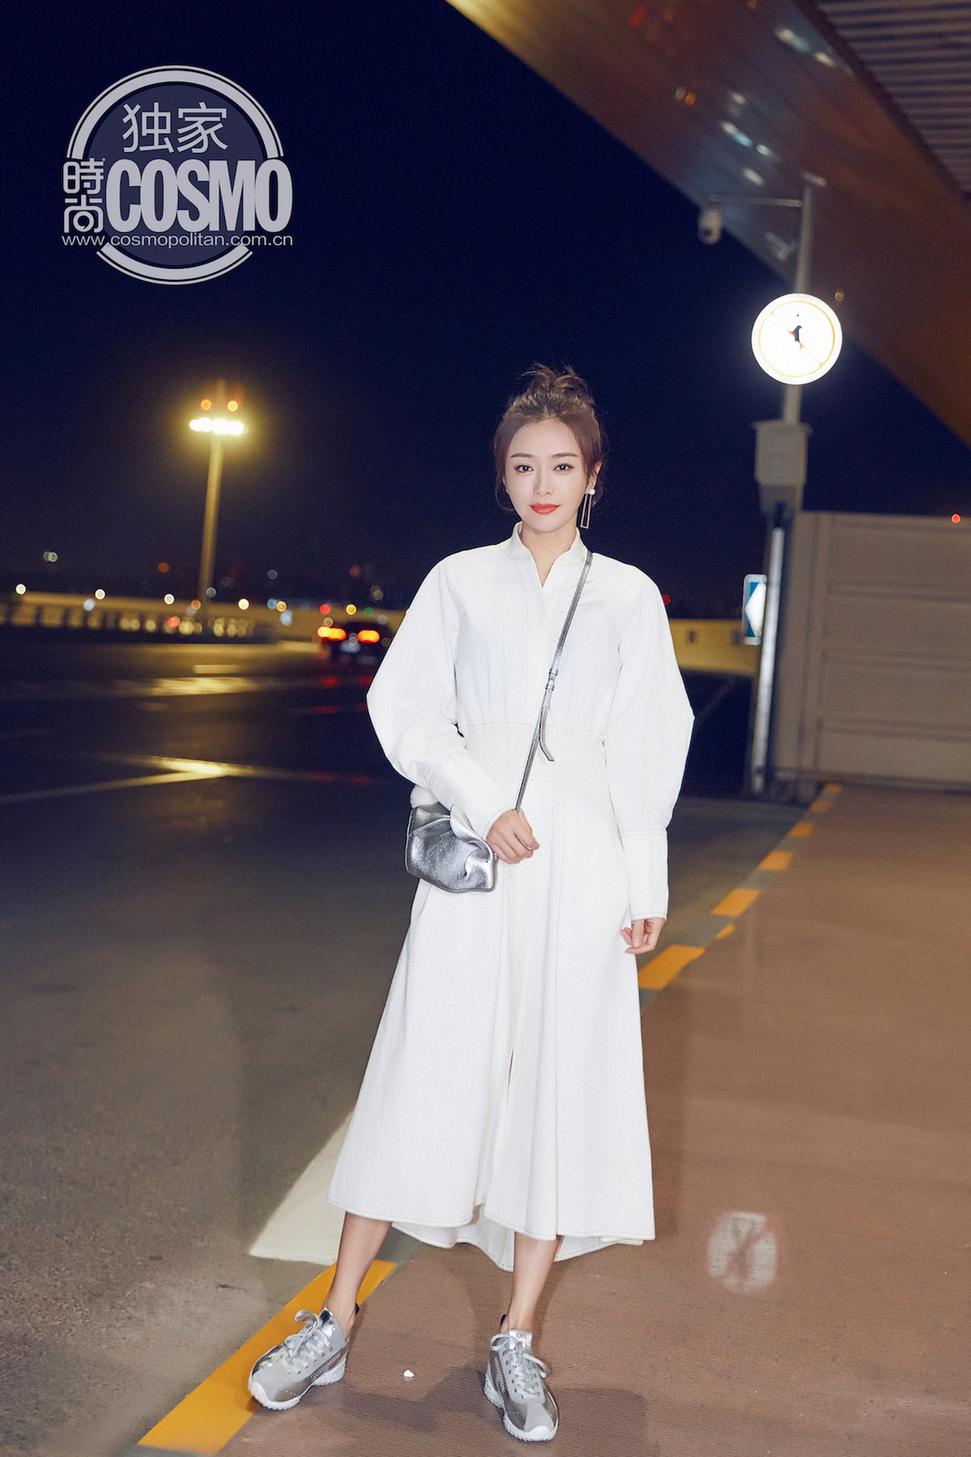 秦岚受邀出发米兰时装周 一袭白裙恬淡可人